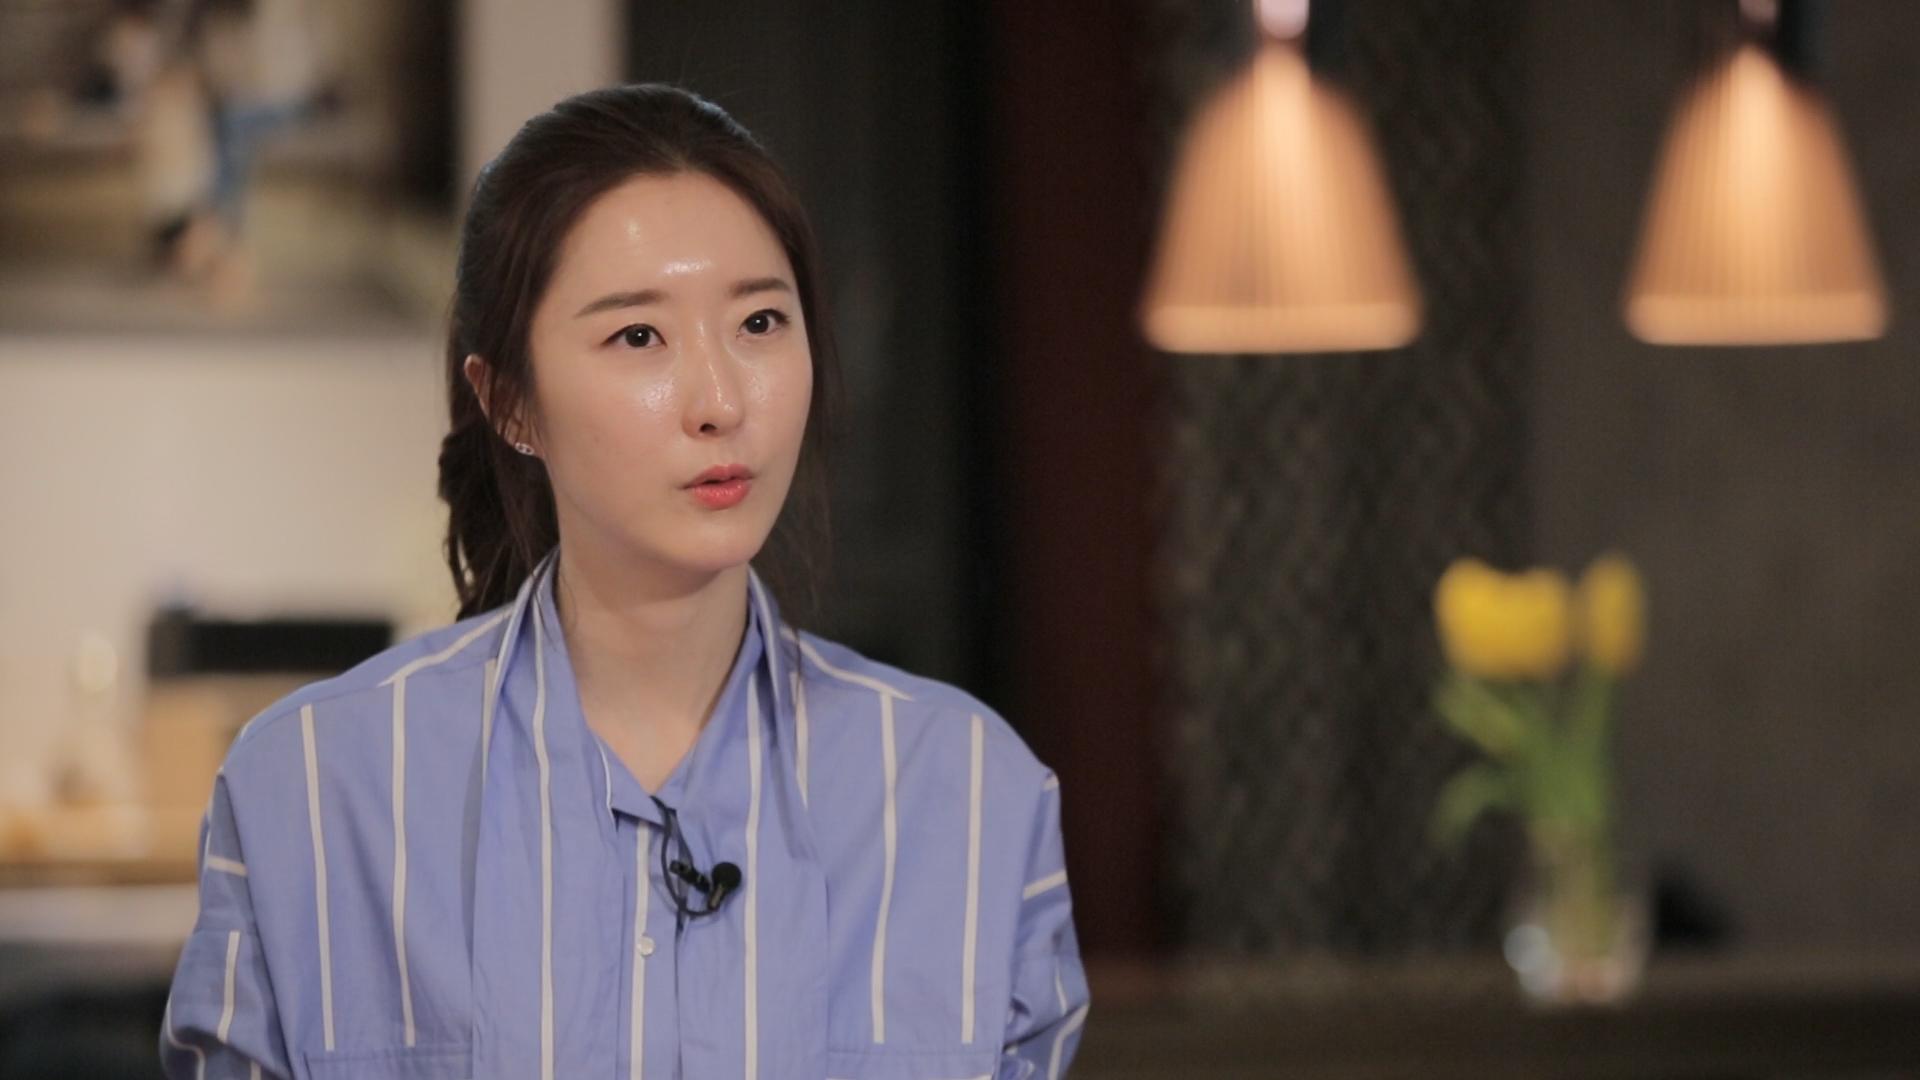 개그맨 박성호, 11살 연하 미모의 부인 공개..무대공포증 극복하고 미국까지 진출하기까지!